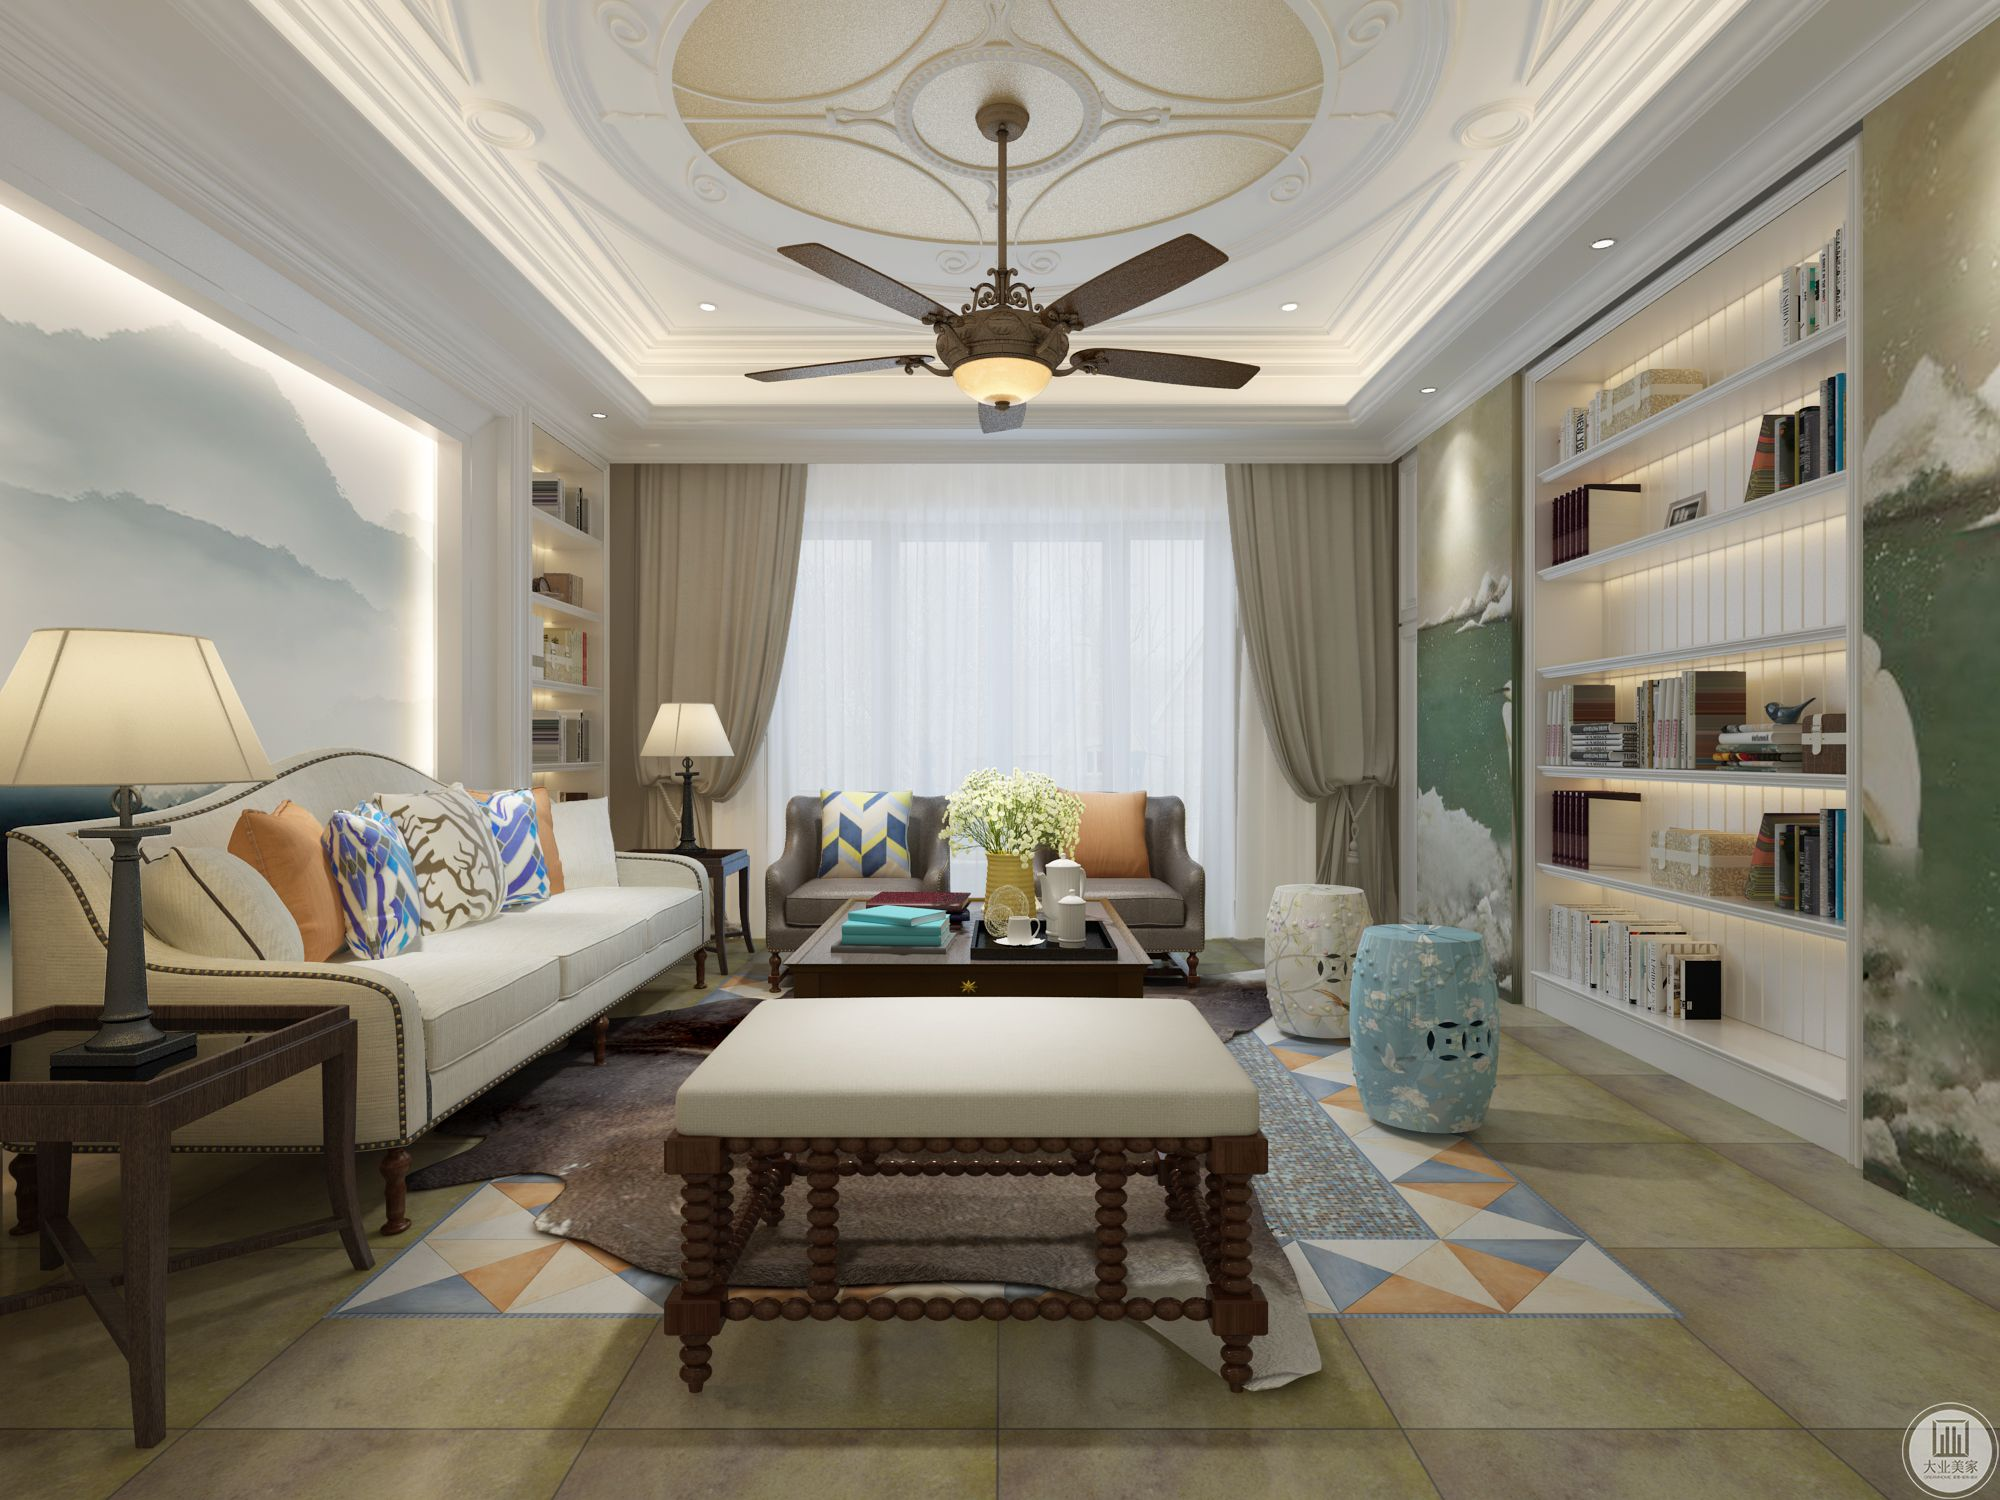 客厅窗帘选择了浅棕灰色,看着温柔自然。